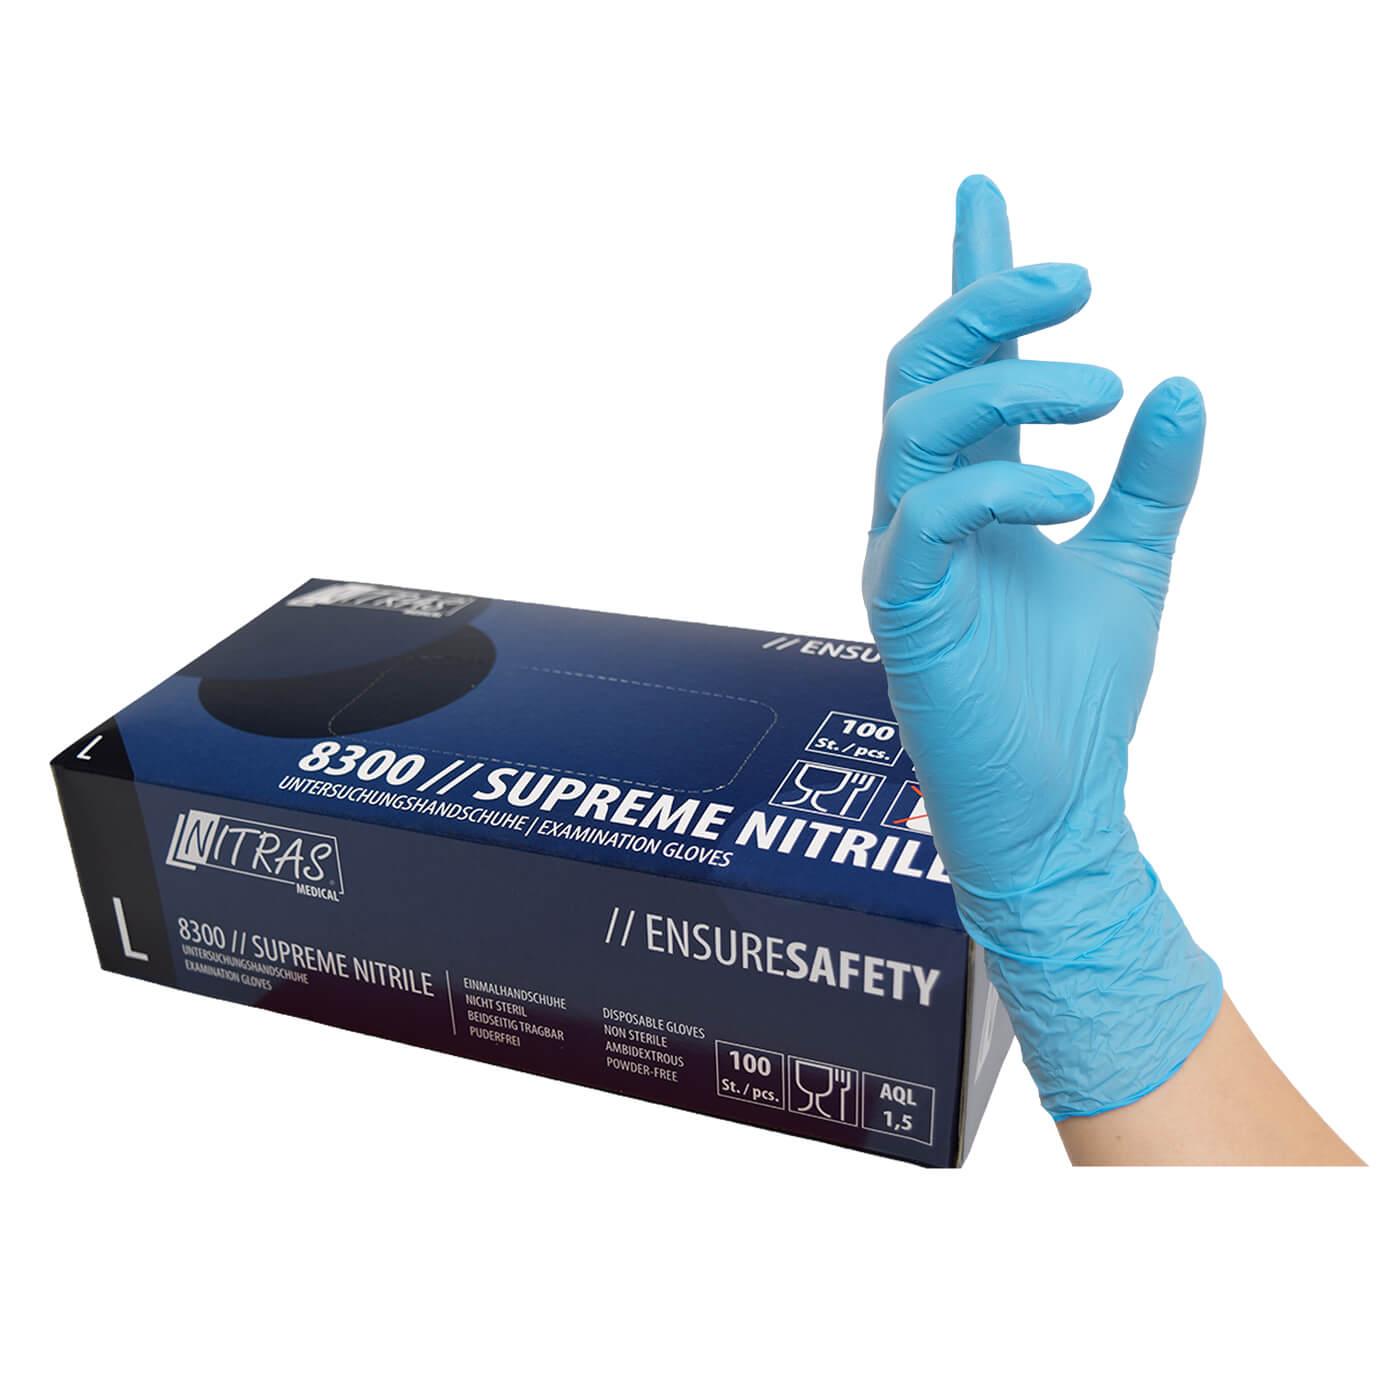 Rękawice jednorazowe Nitras 8300/ SUPREME NITRYLE